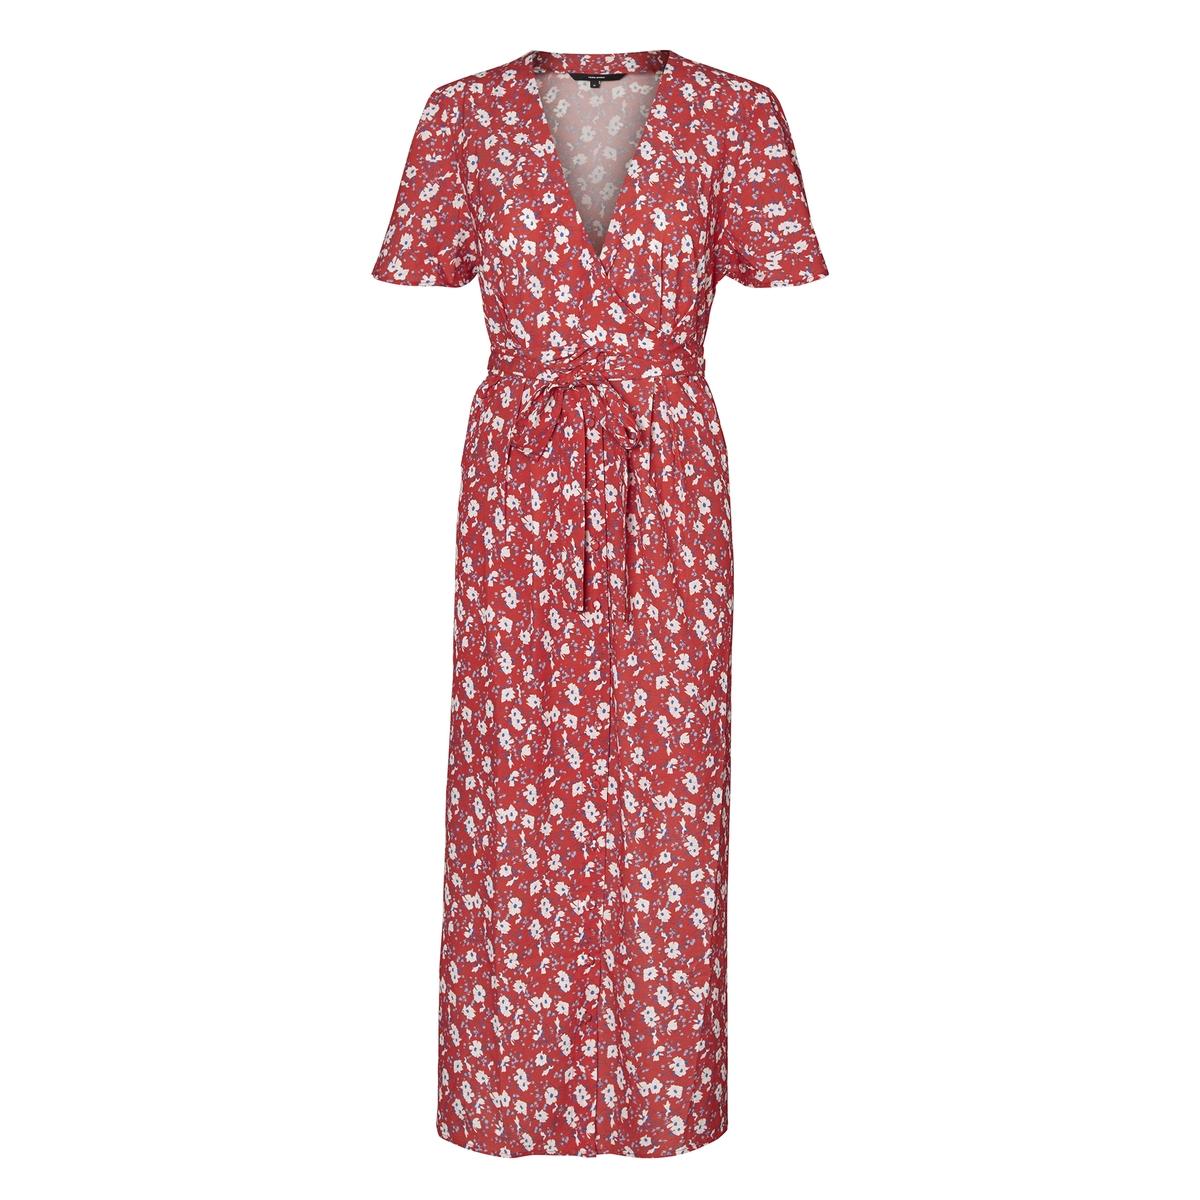 Платье длинное с рисунком, V-образным вырезом и короткими рукавами